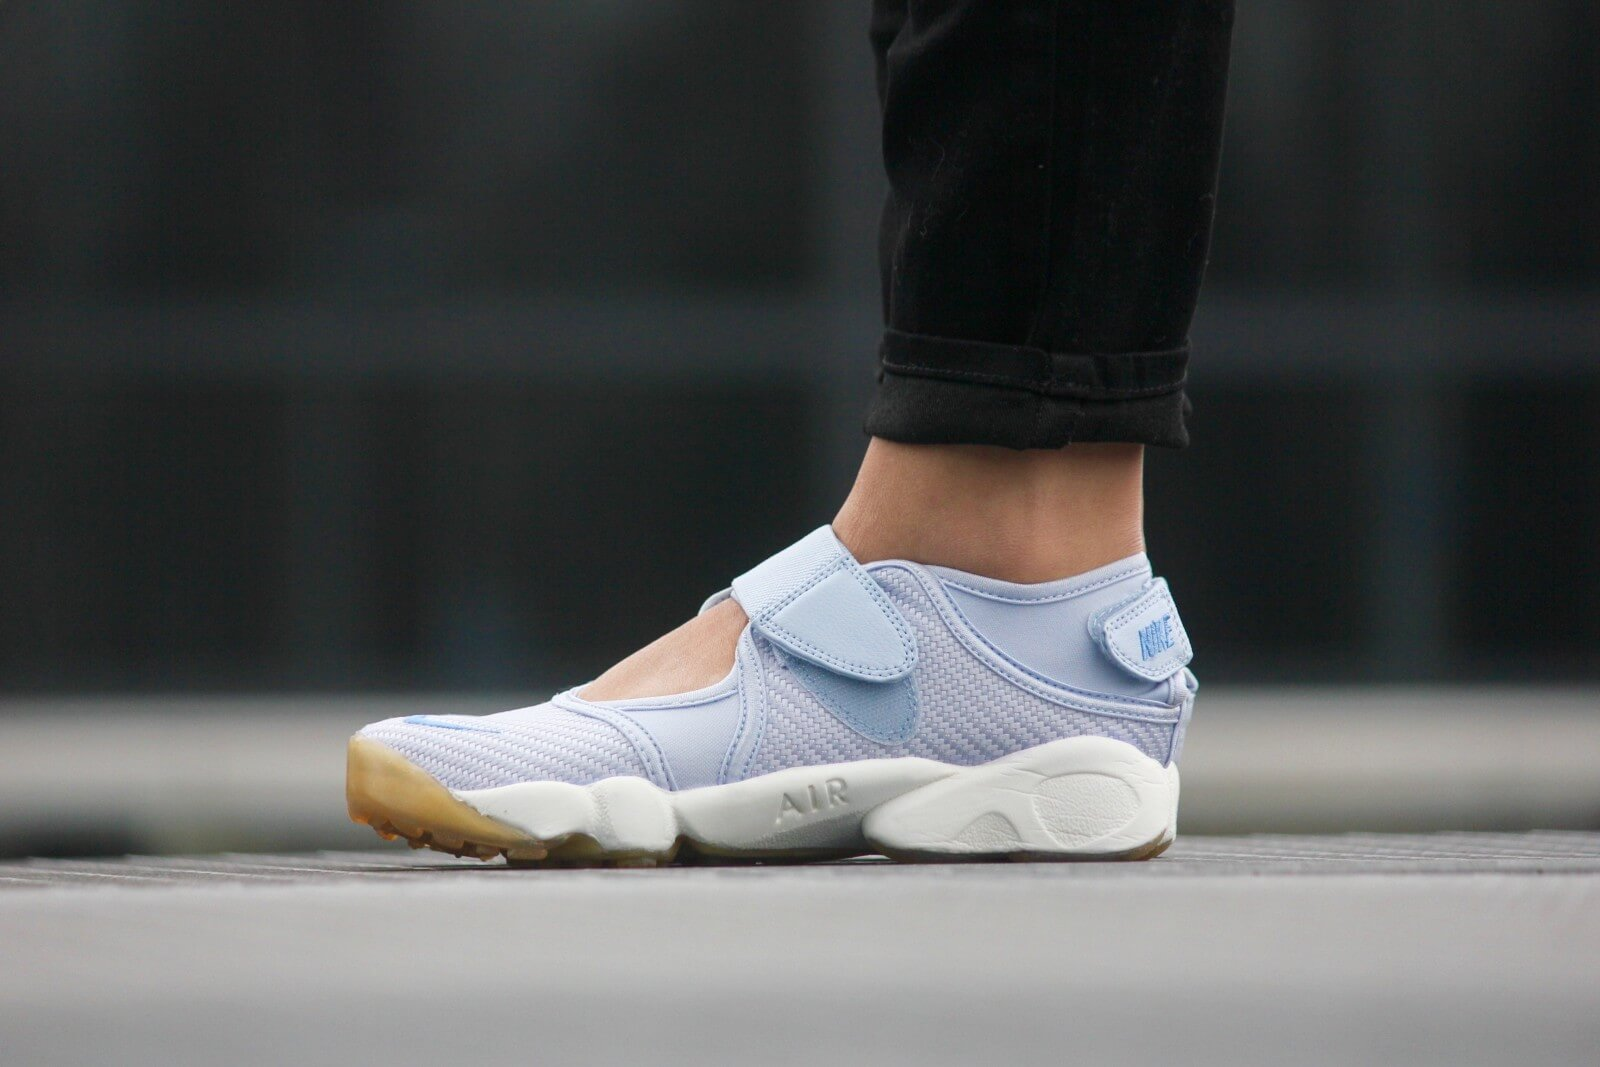 Nike WMNS Air Rift Porpoise Chalk/ Blue